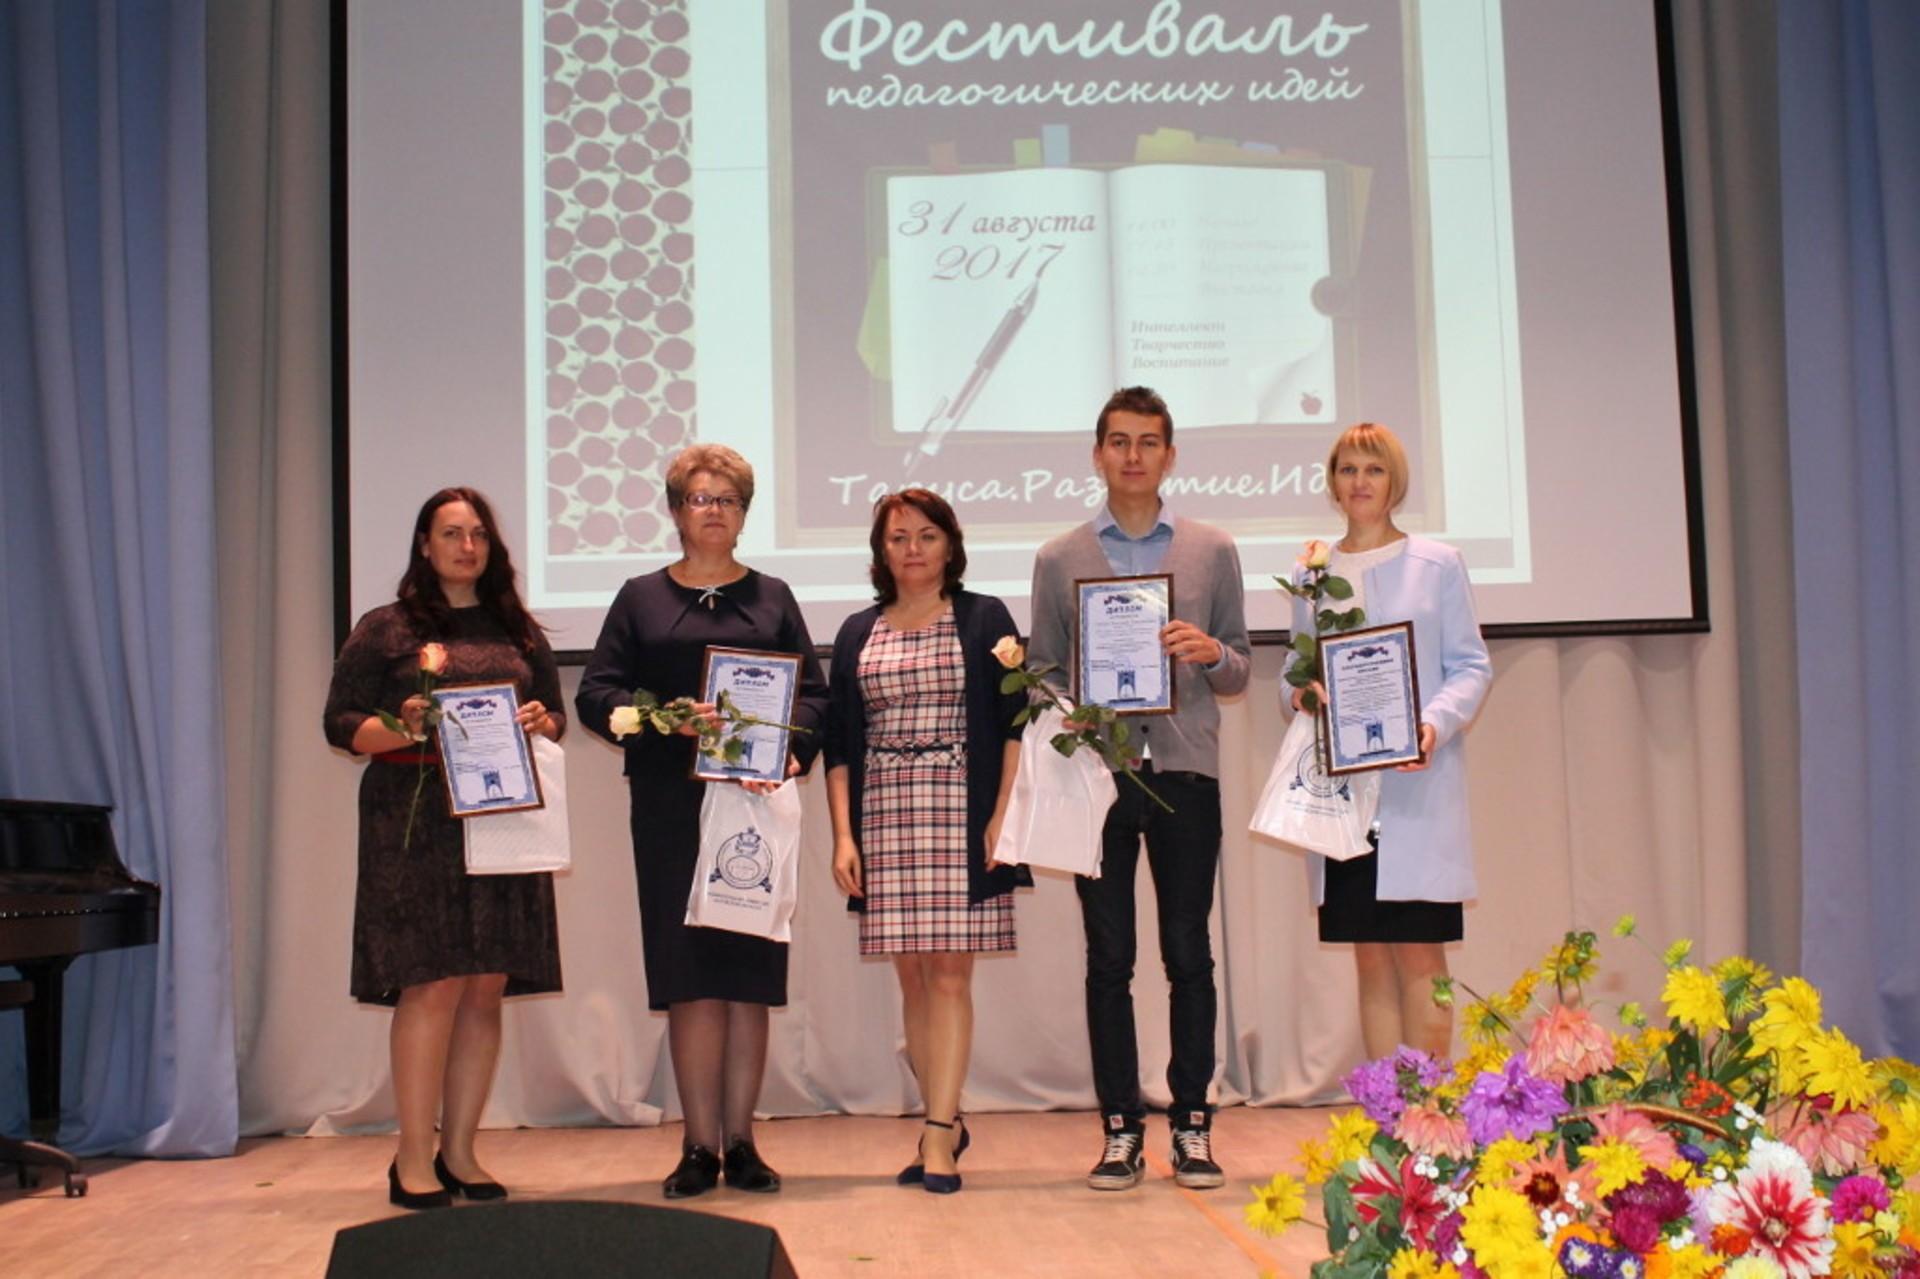 Поздравление на конференции учителей 210